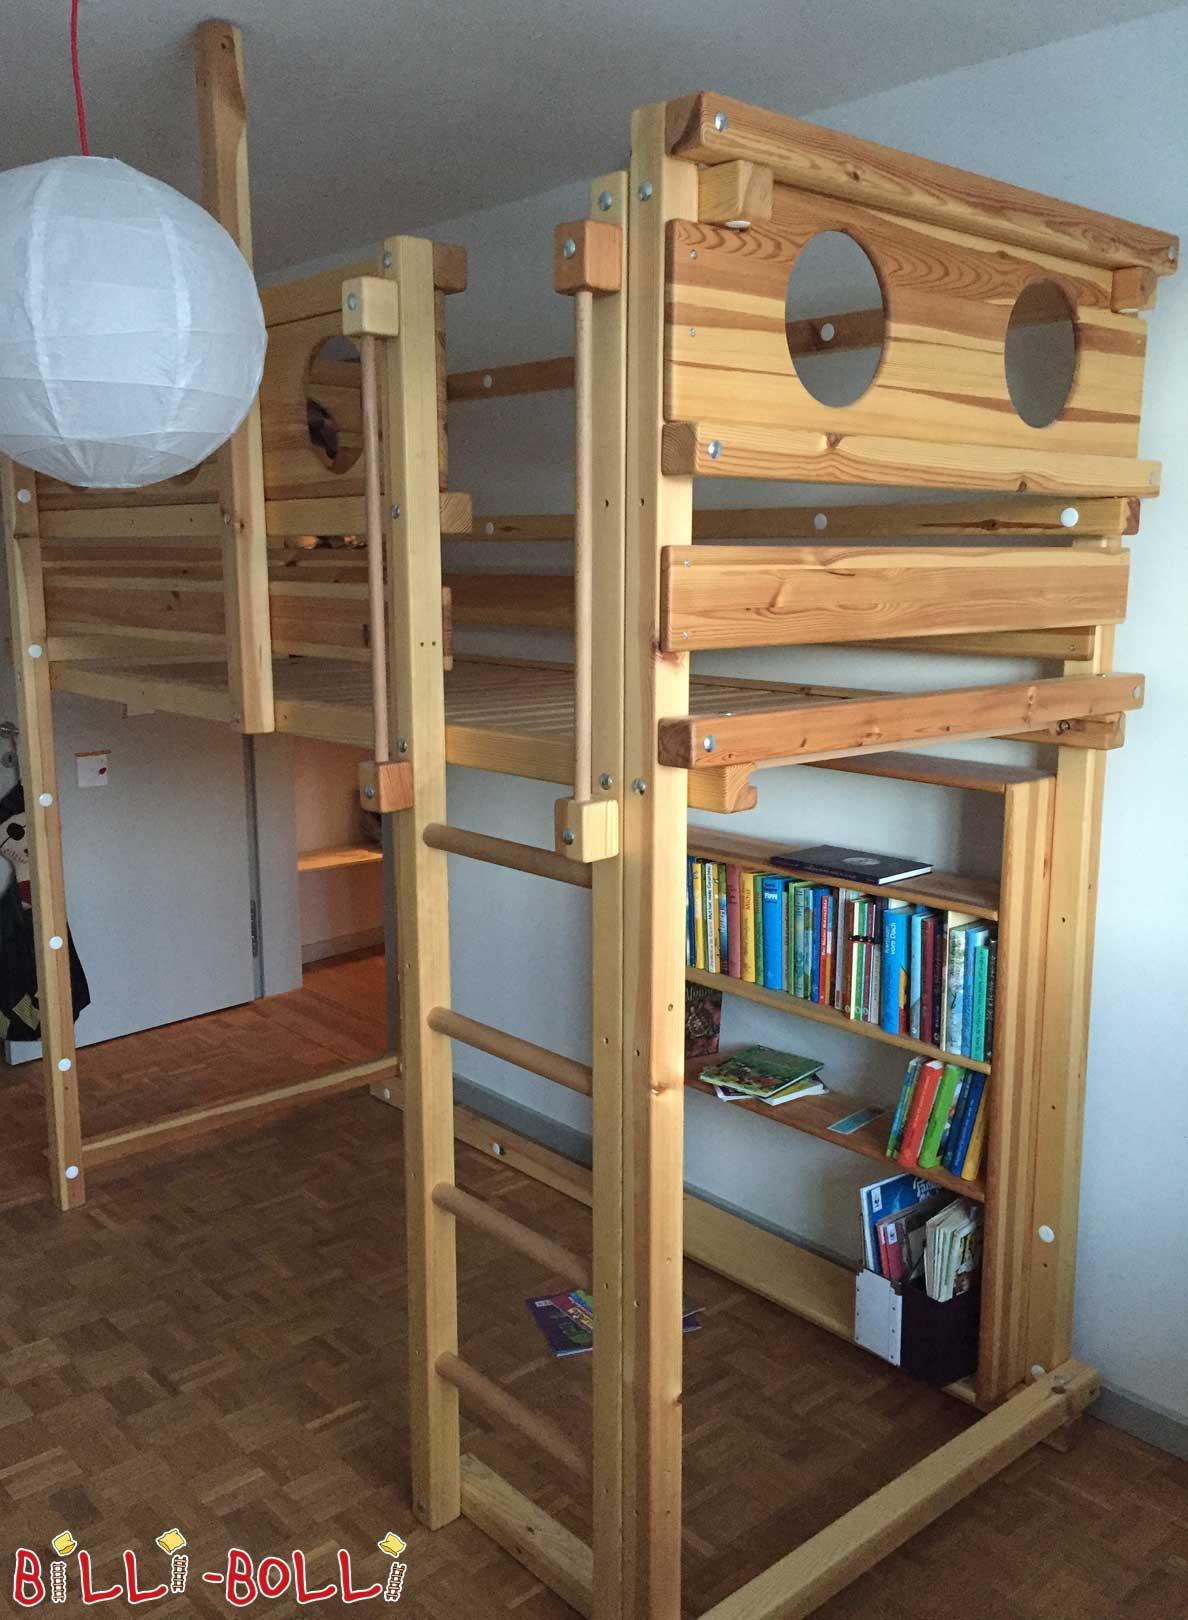 Second hand page 15 billi bolli kids furniture for Billi bolli hochbett